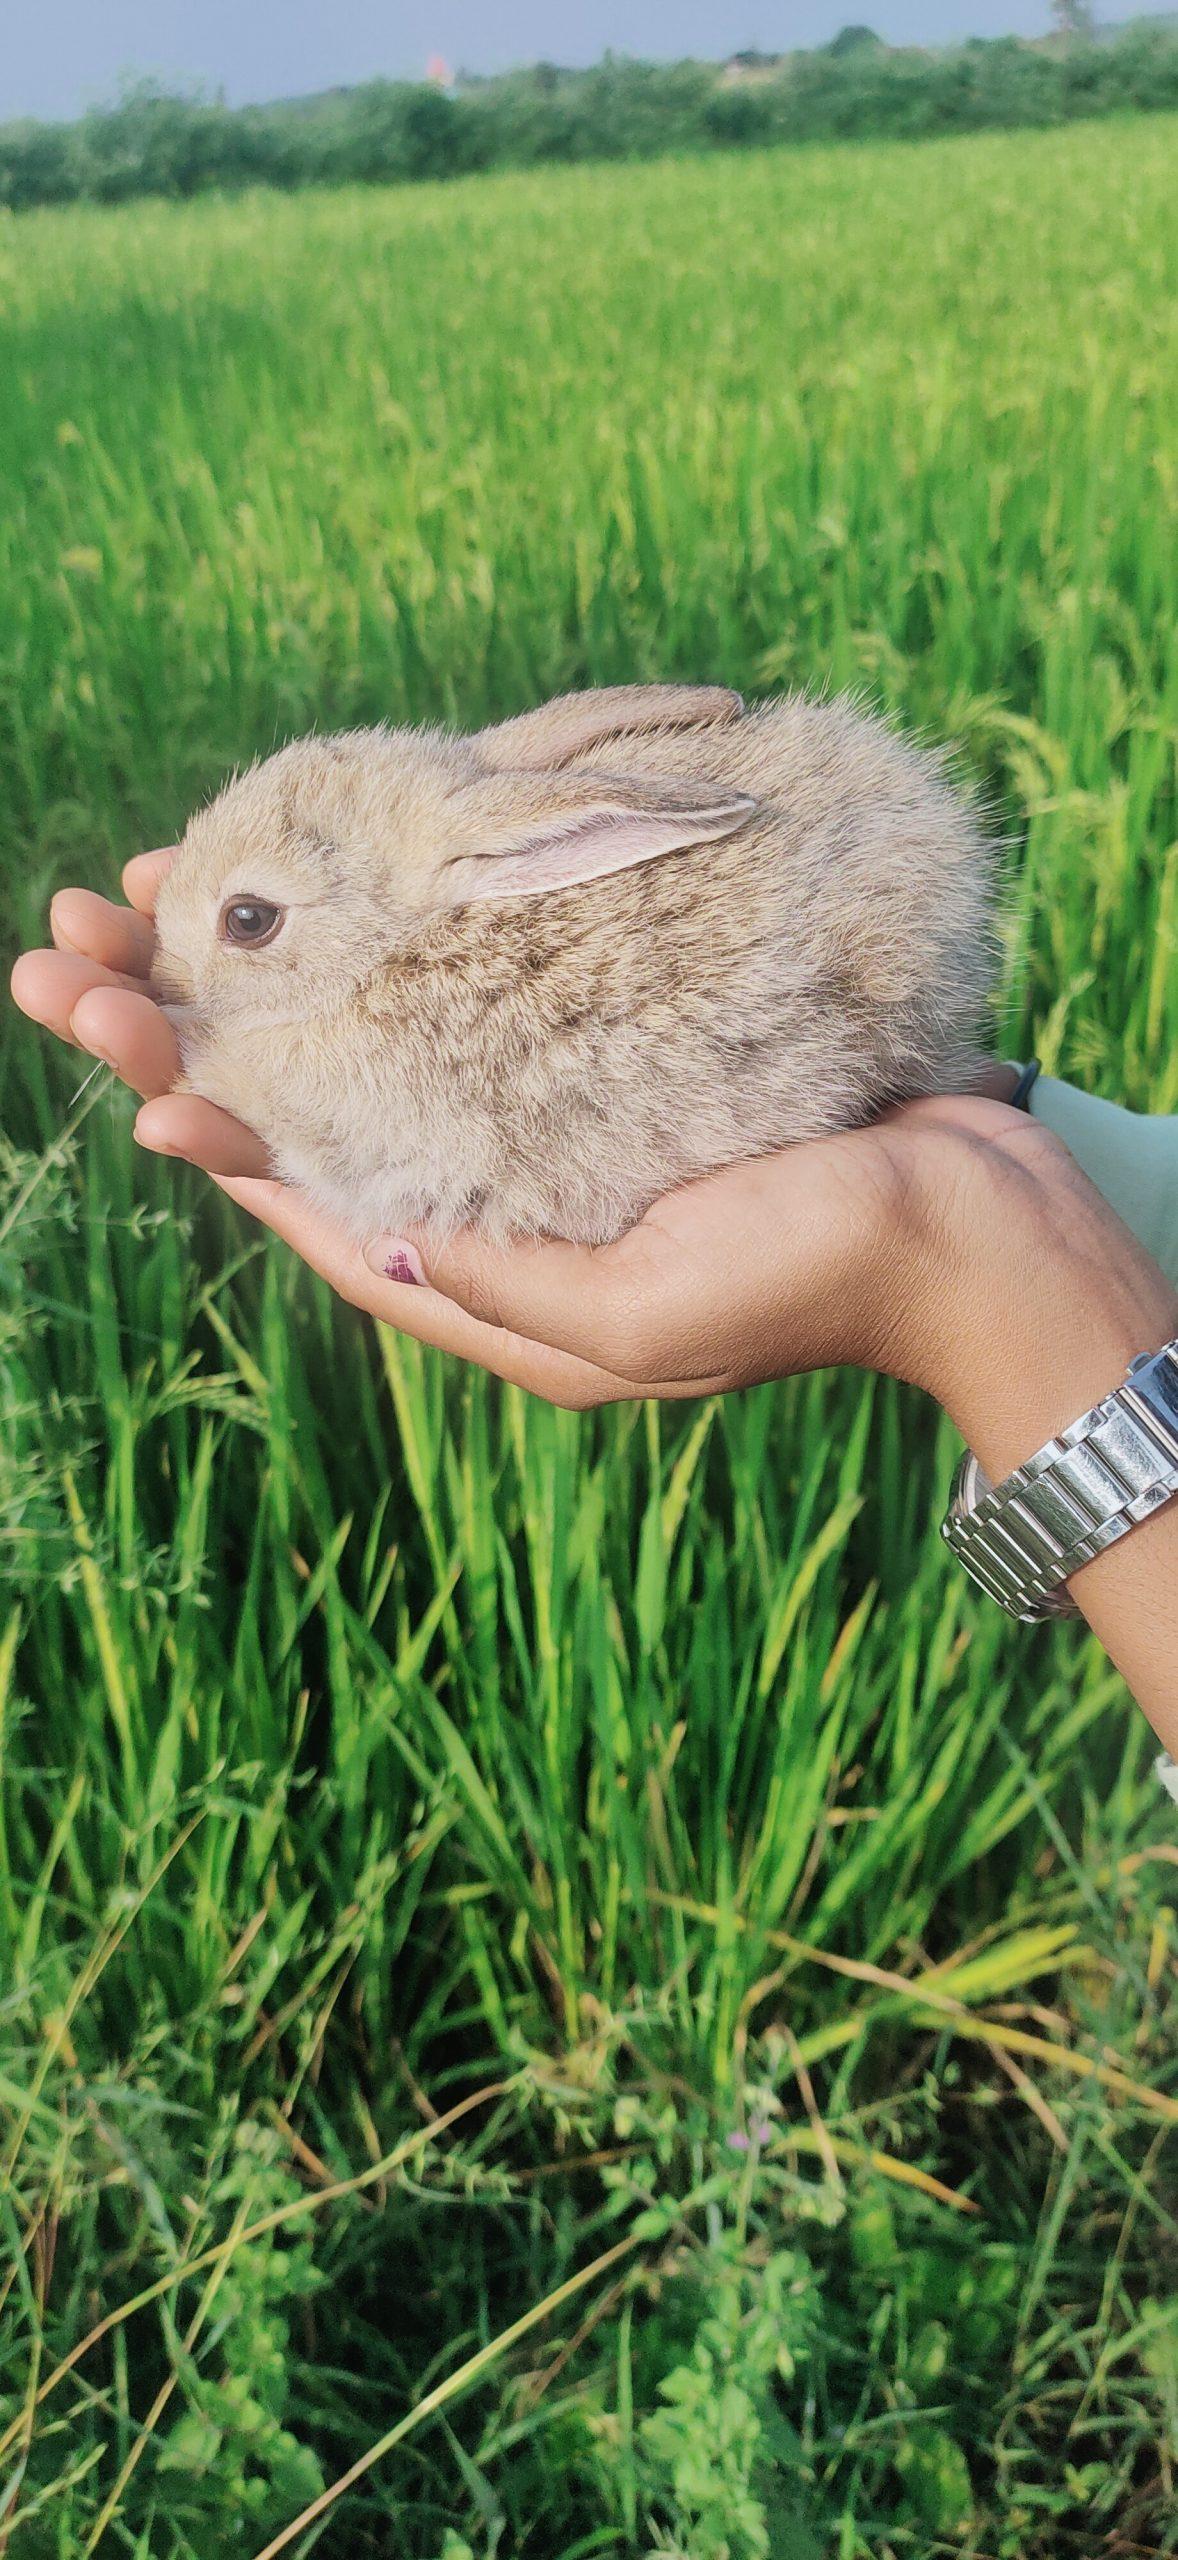 Rabbit in hand